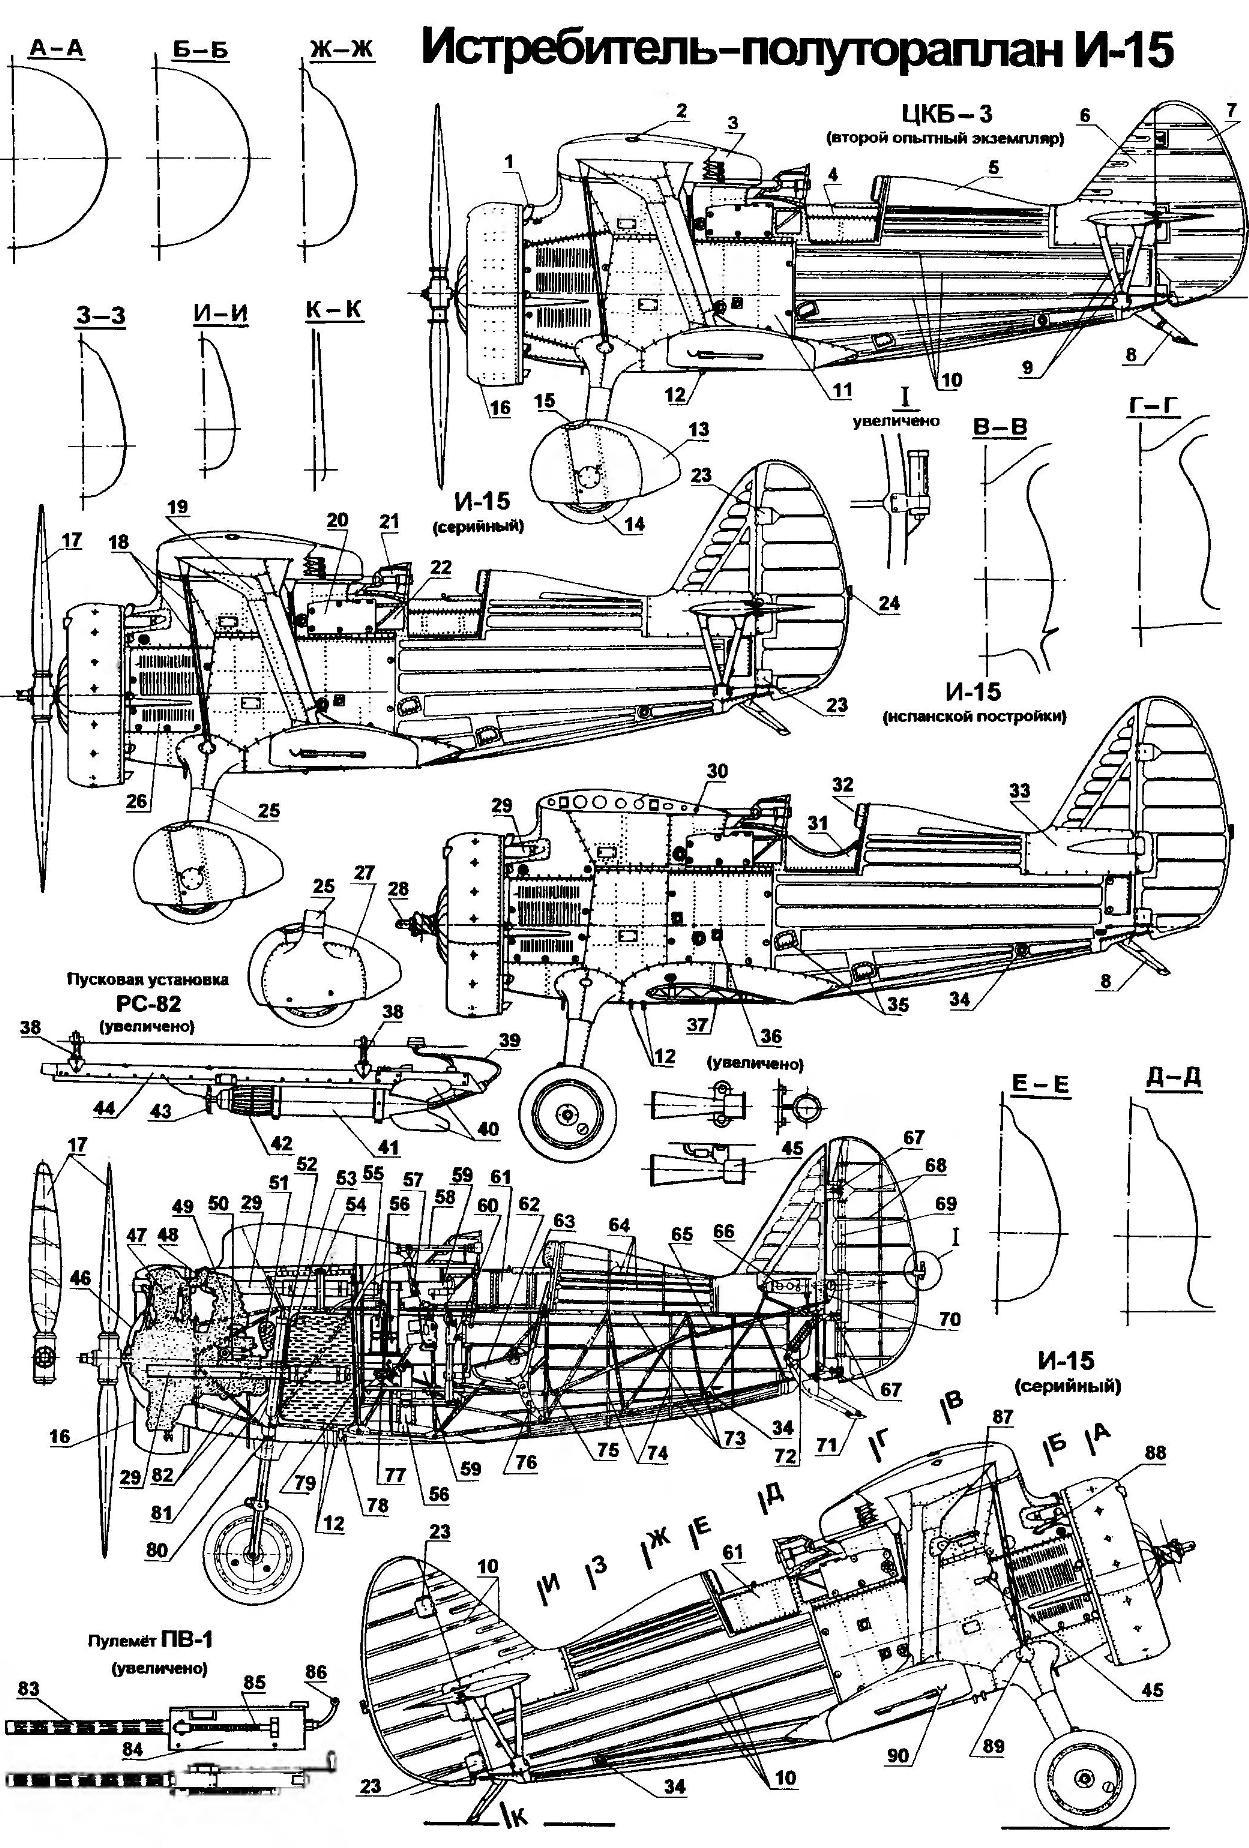 Истребитель-полутораплан И-15 конструкции Н.Н.Поликарпова